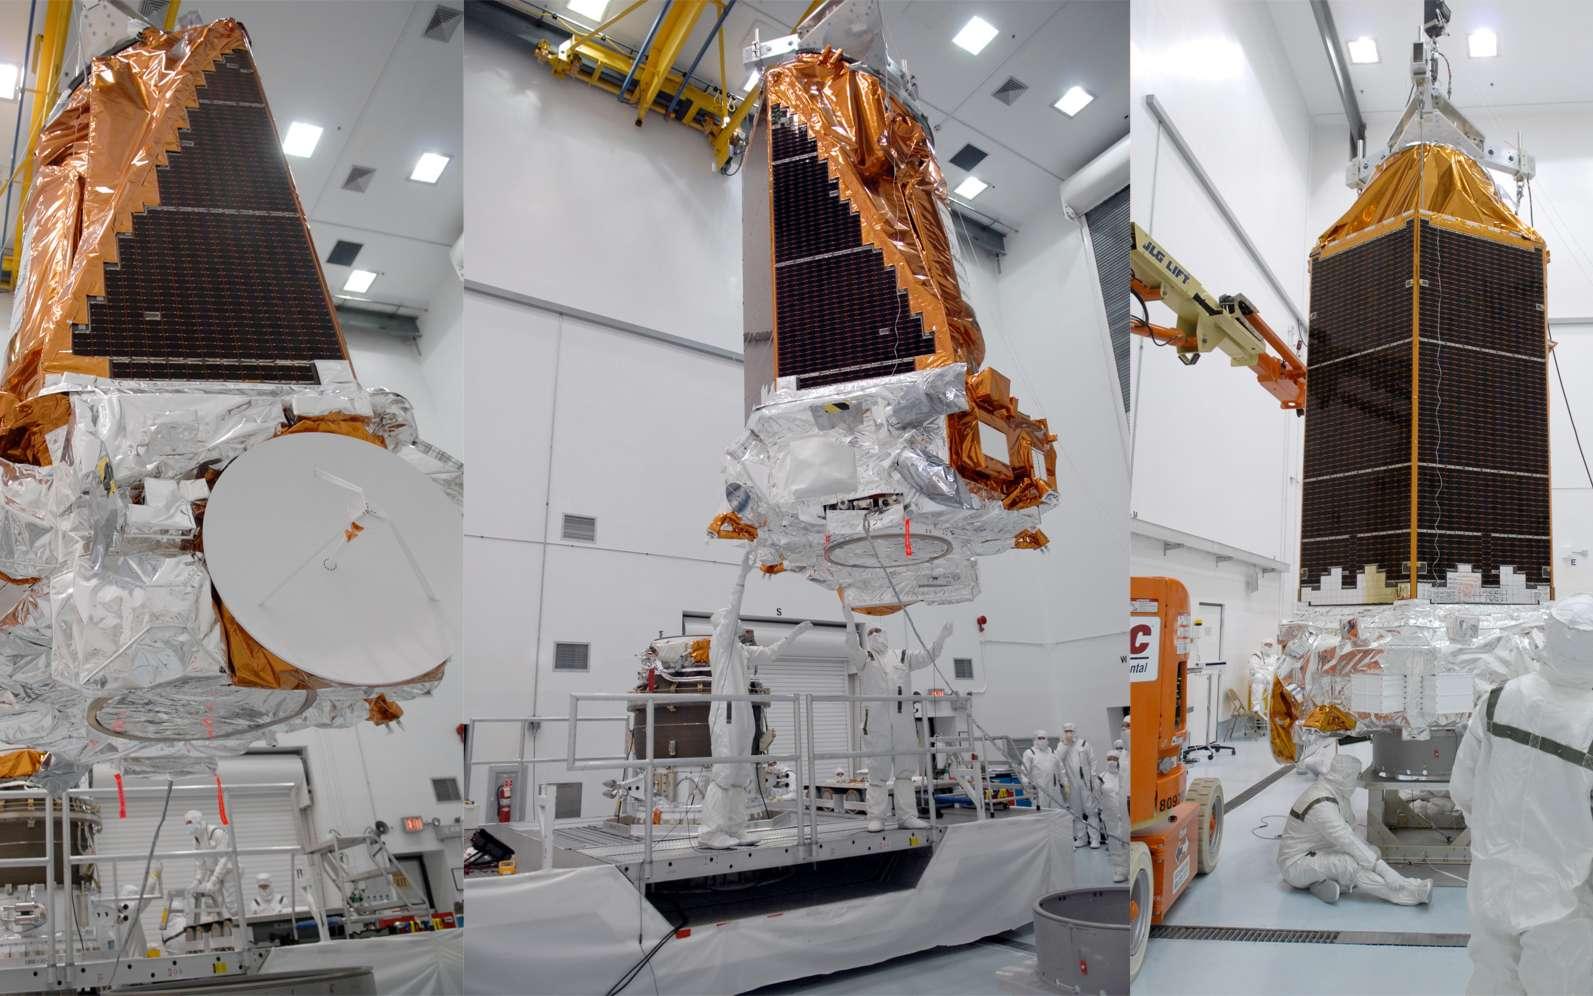 Le satellite Kepler au centre spatial Kennedy en février 2009, avant son lancement, le 7 mars 2009. © Nasa